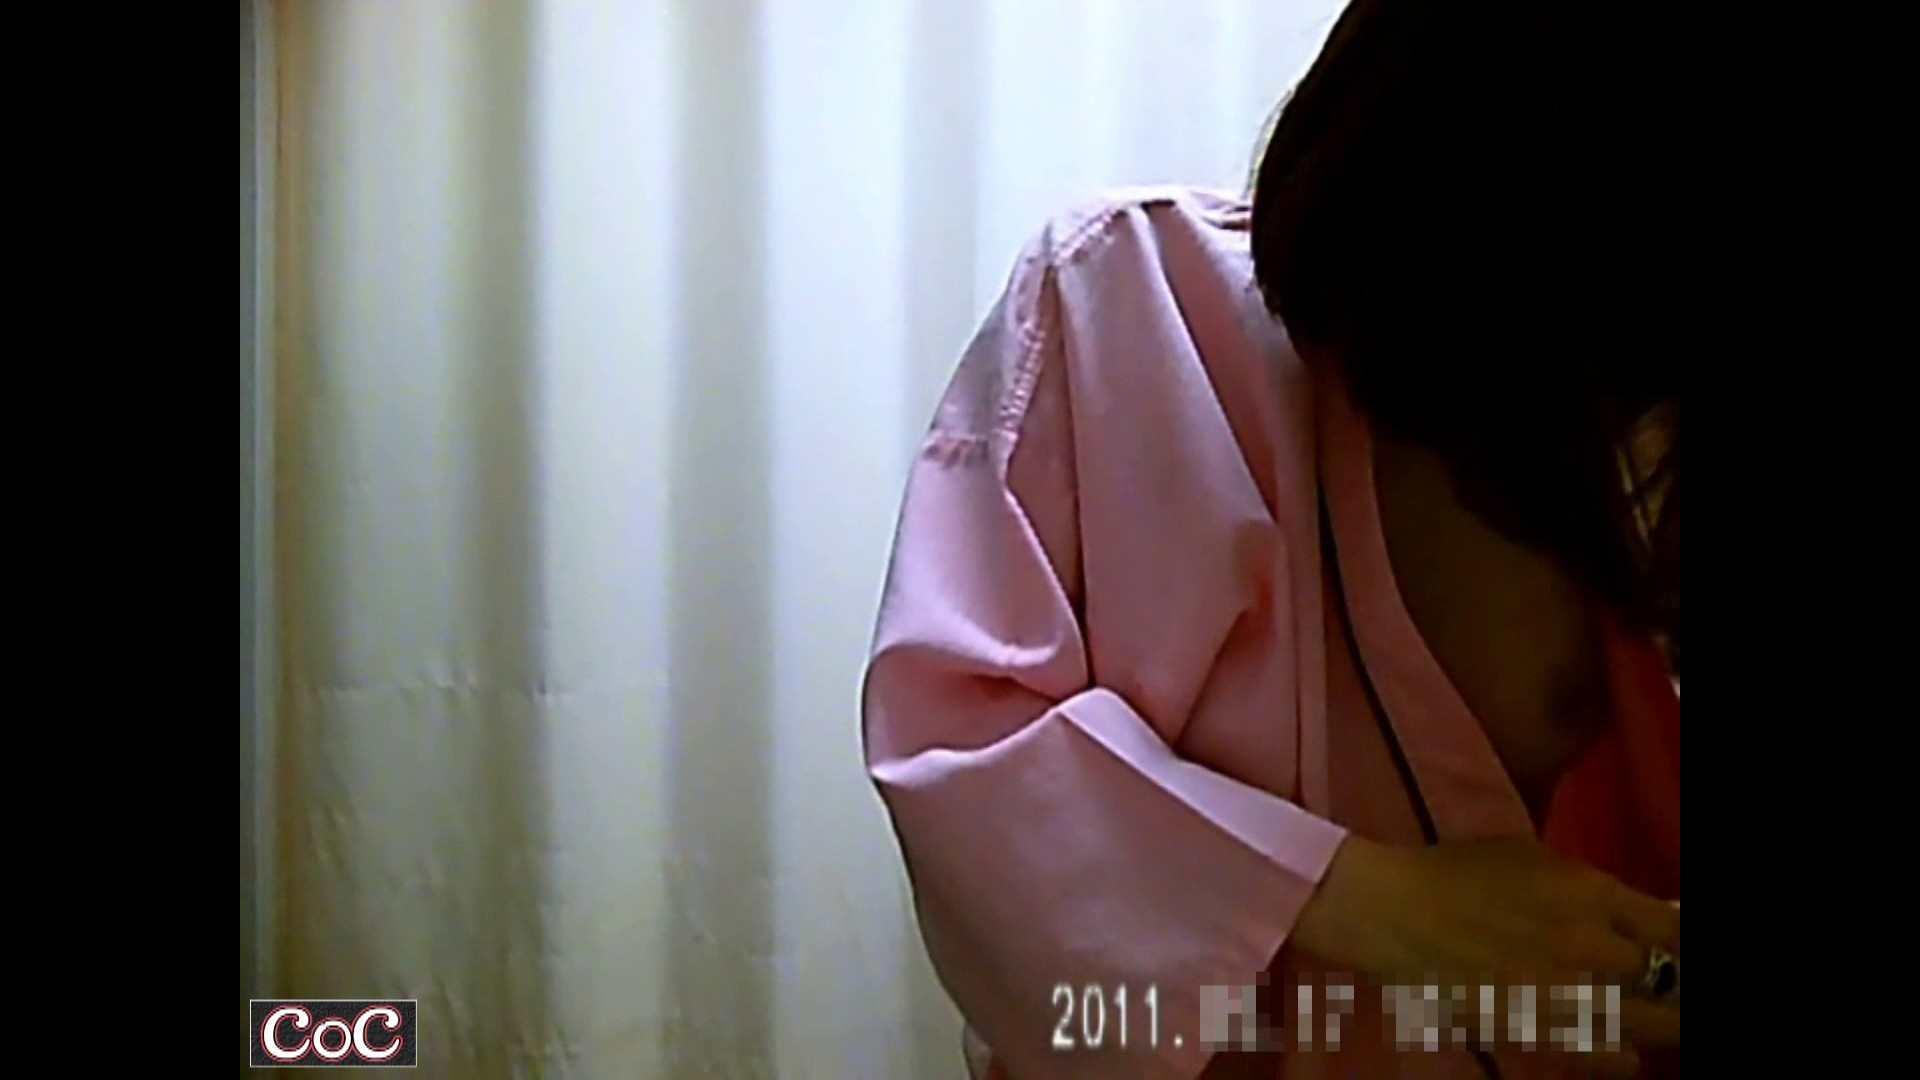 病院おもいっきり着替え! vol.135 乳首ポロリ 覗きスケベ動画紹介 85画像 12